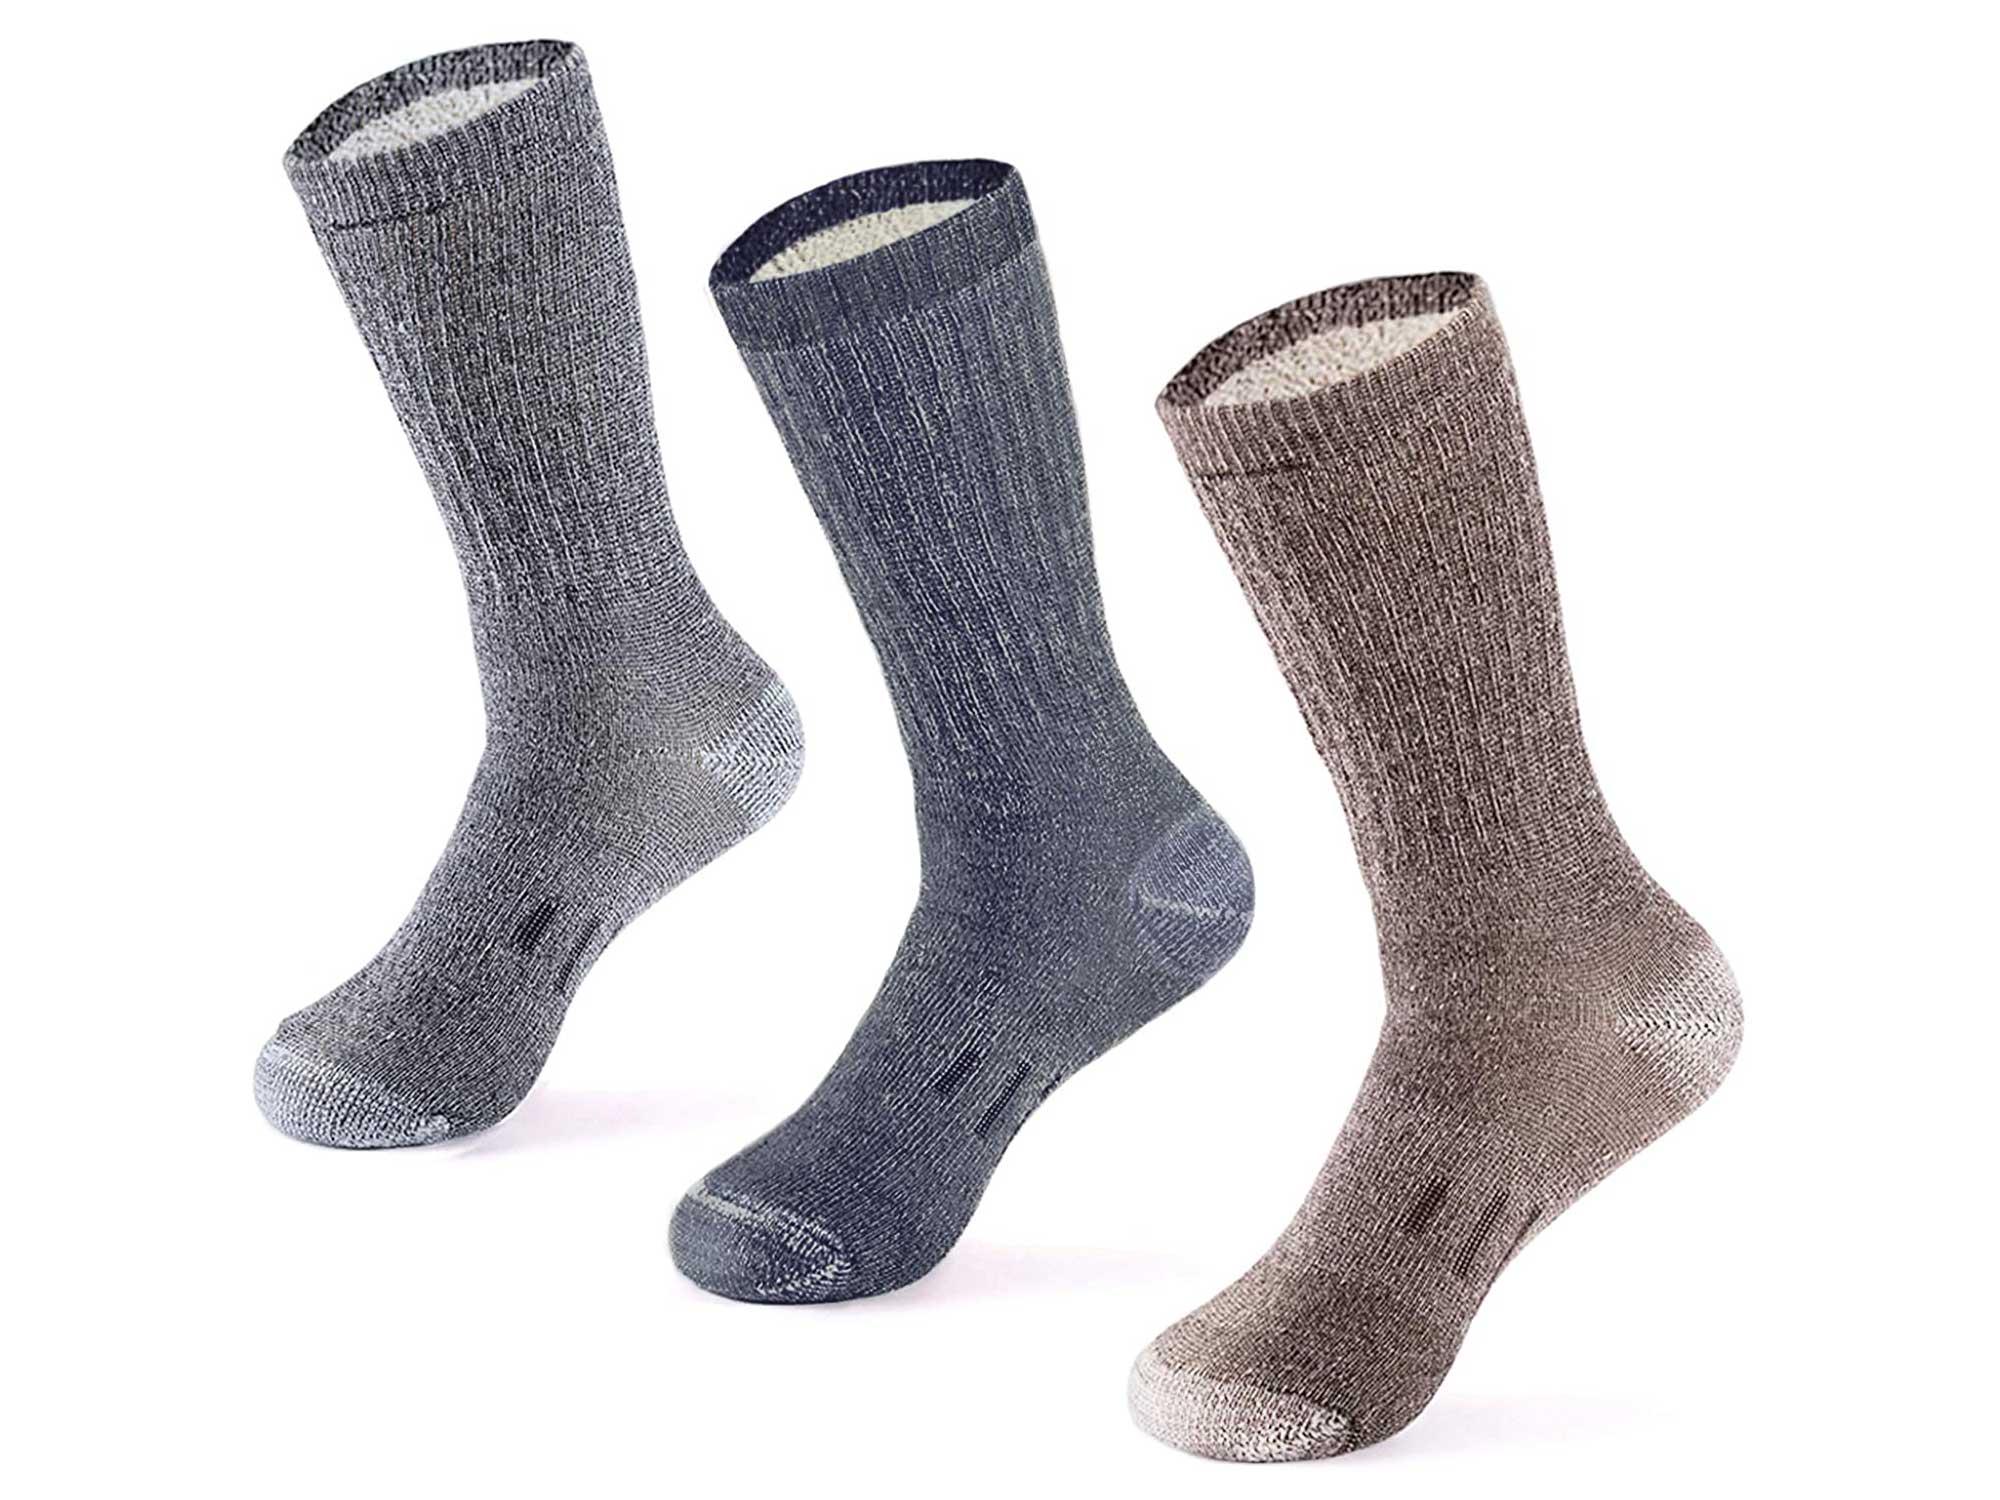 Meriwool Merino Hiking Socks